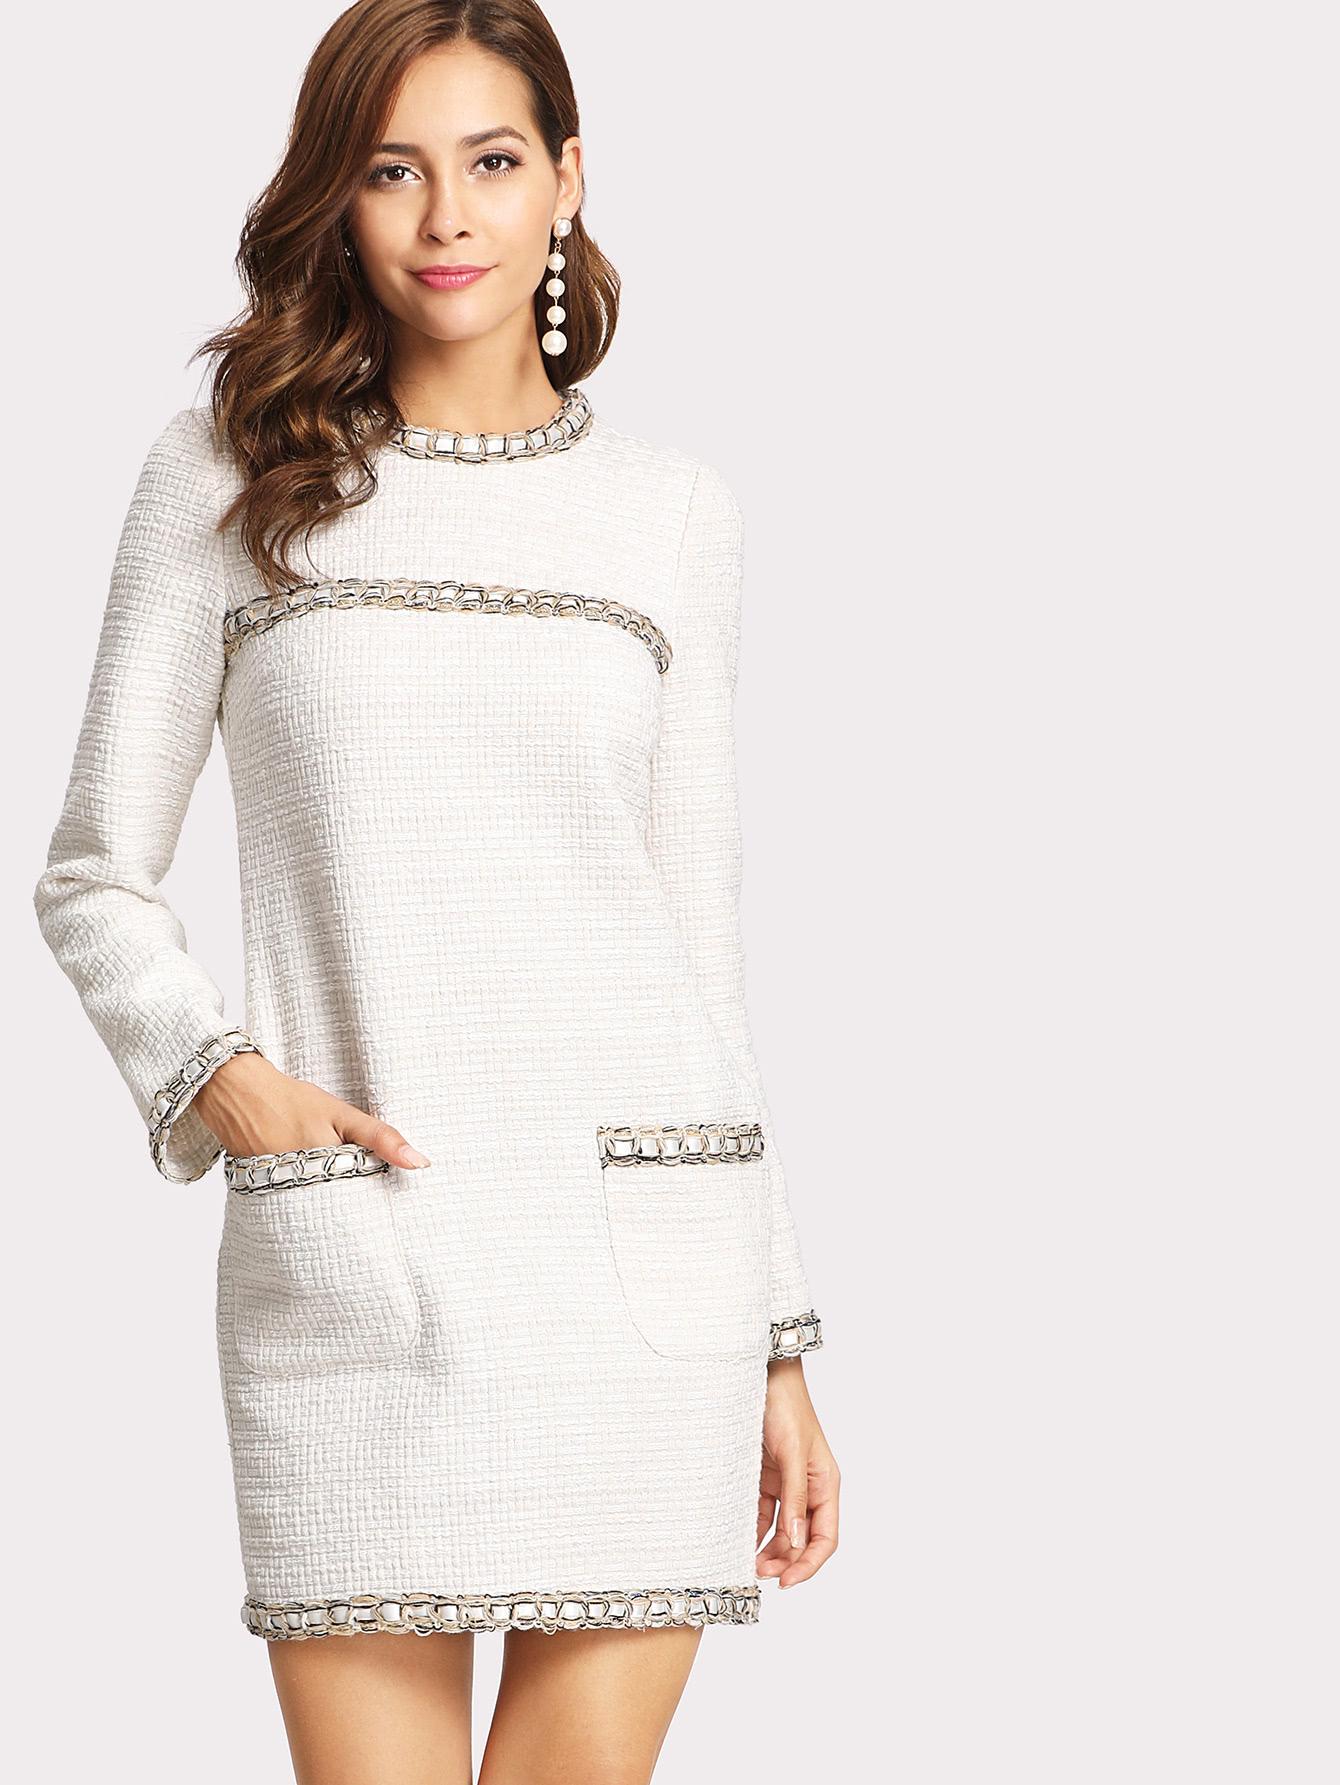 Whipstitch Trim Tweed Dress Shein Sheinside